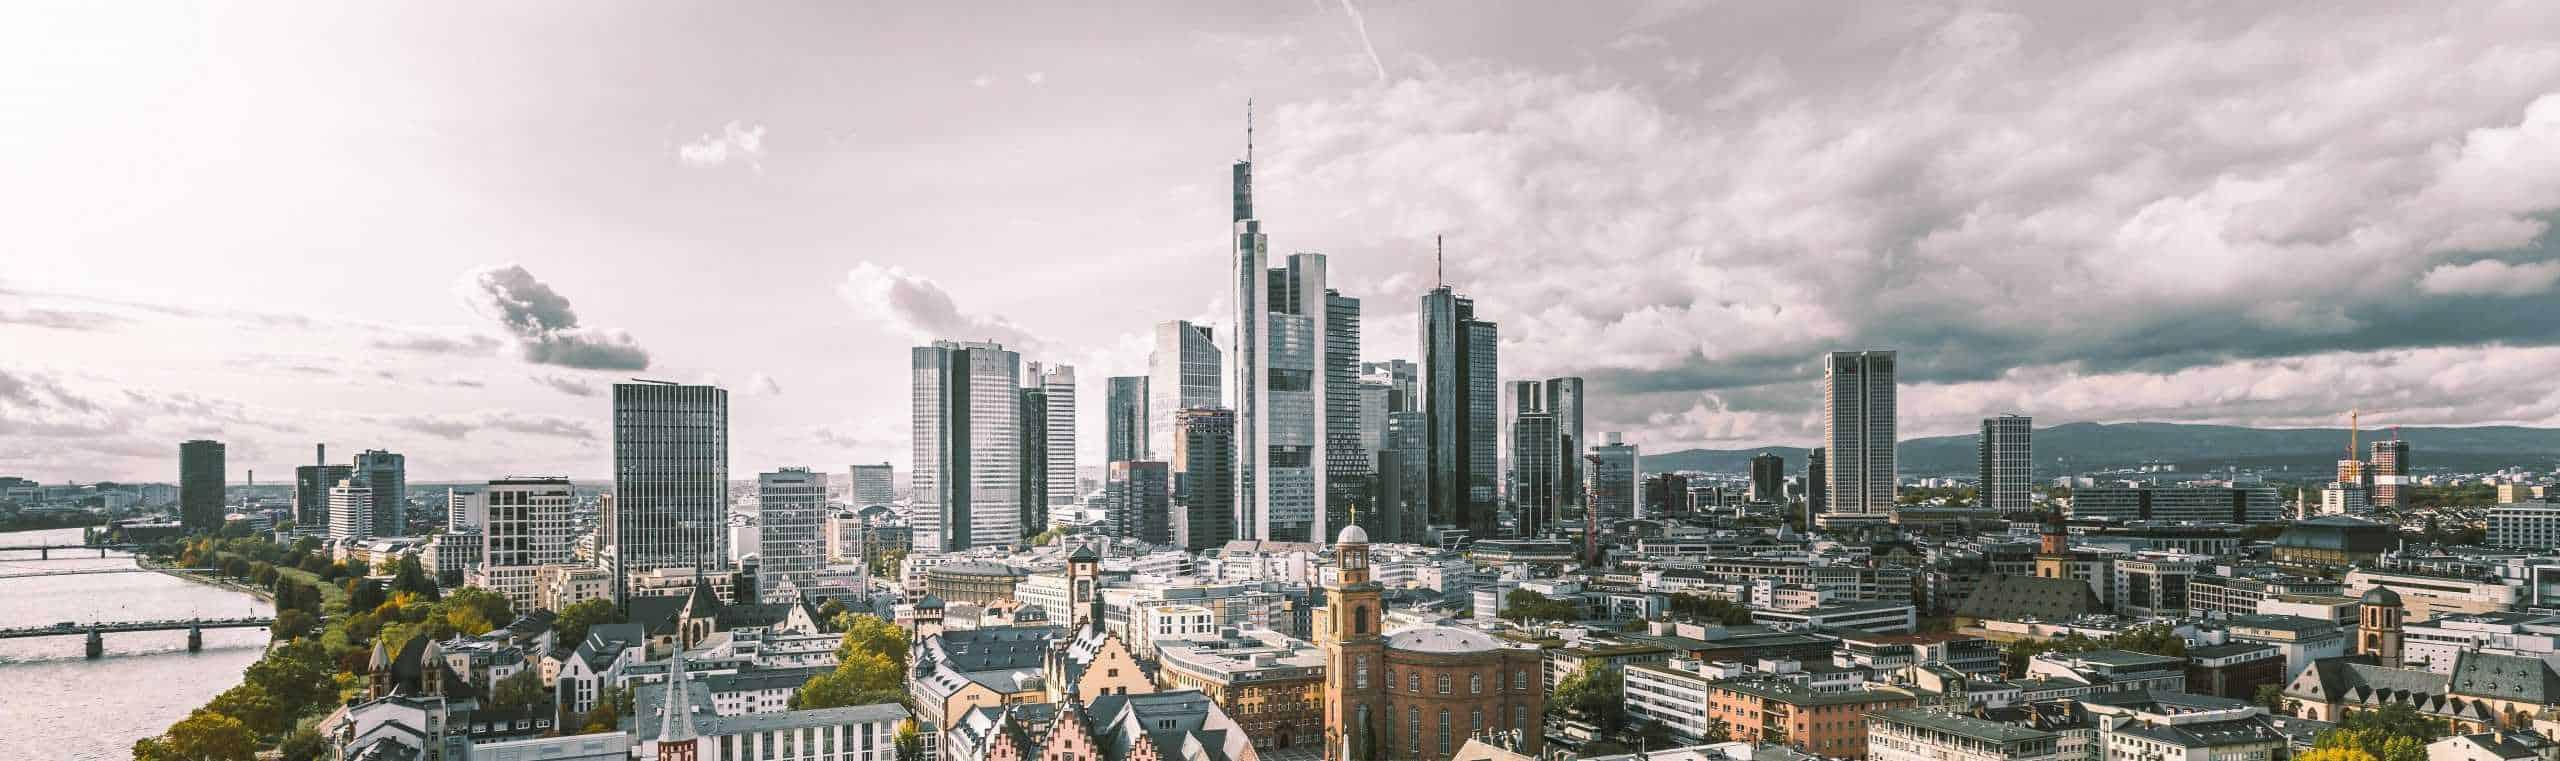 liste größte immobilienmakler deutschland